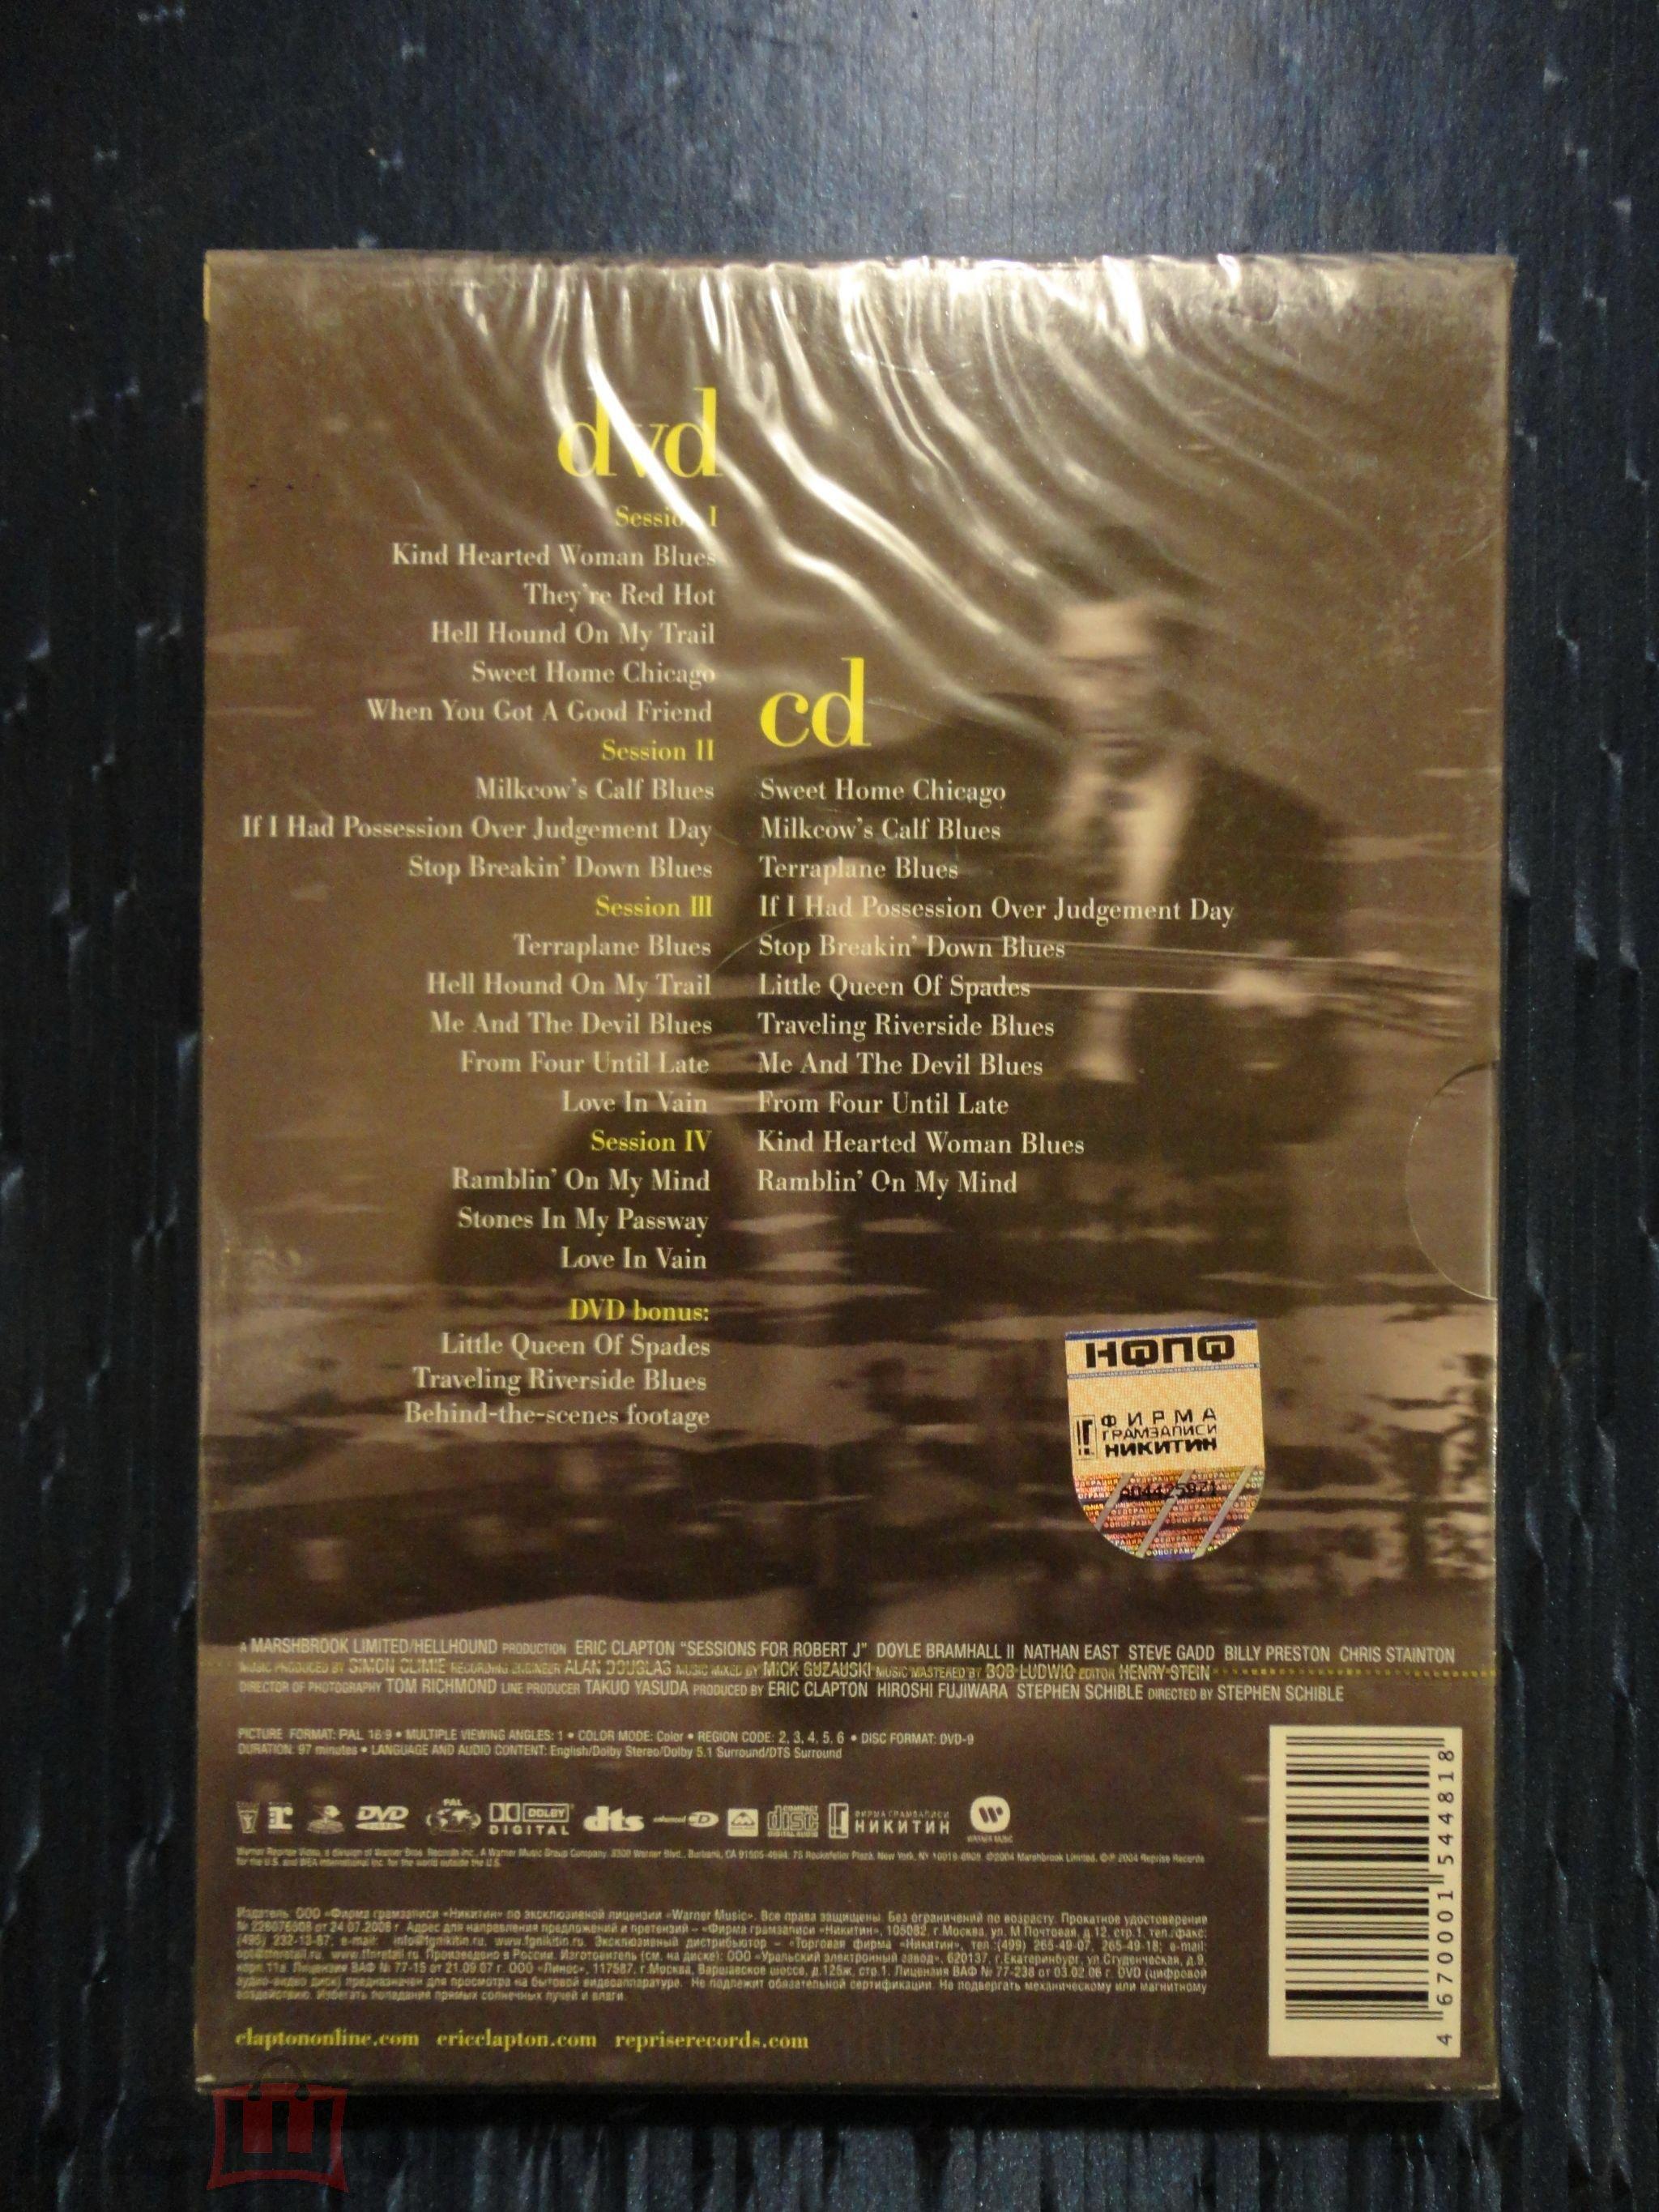 DVD (НОВЫЙ!) ERIC CLAPTON - Session For Robert J,  DVD + CD